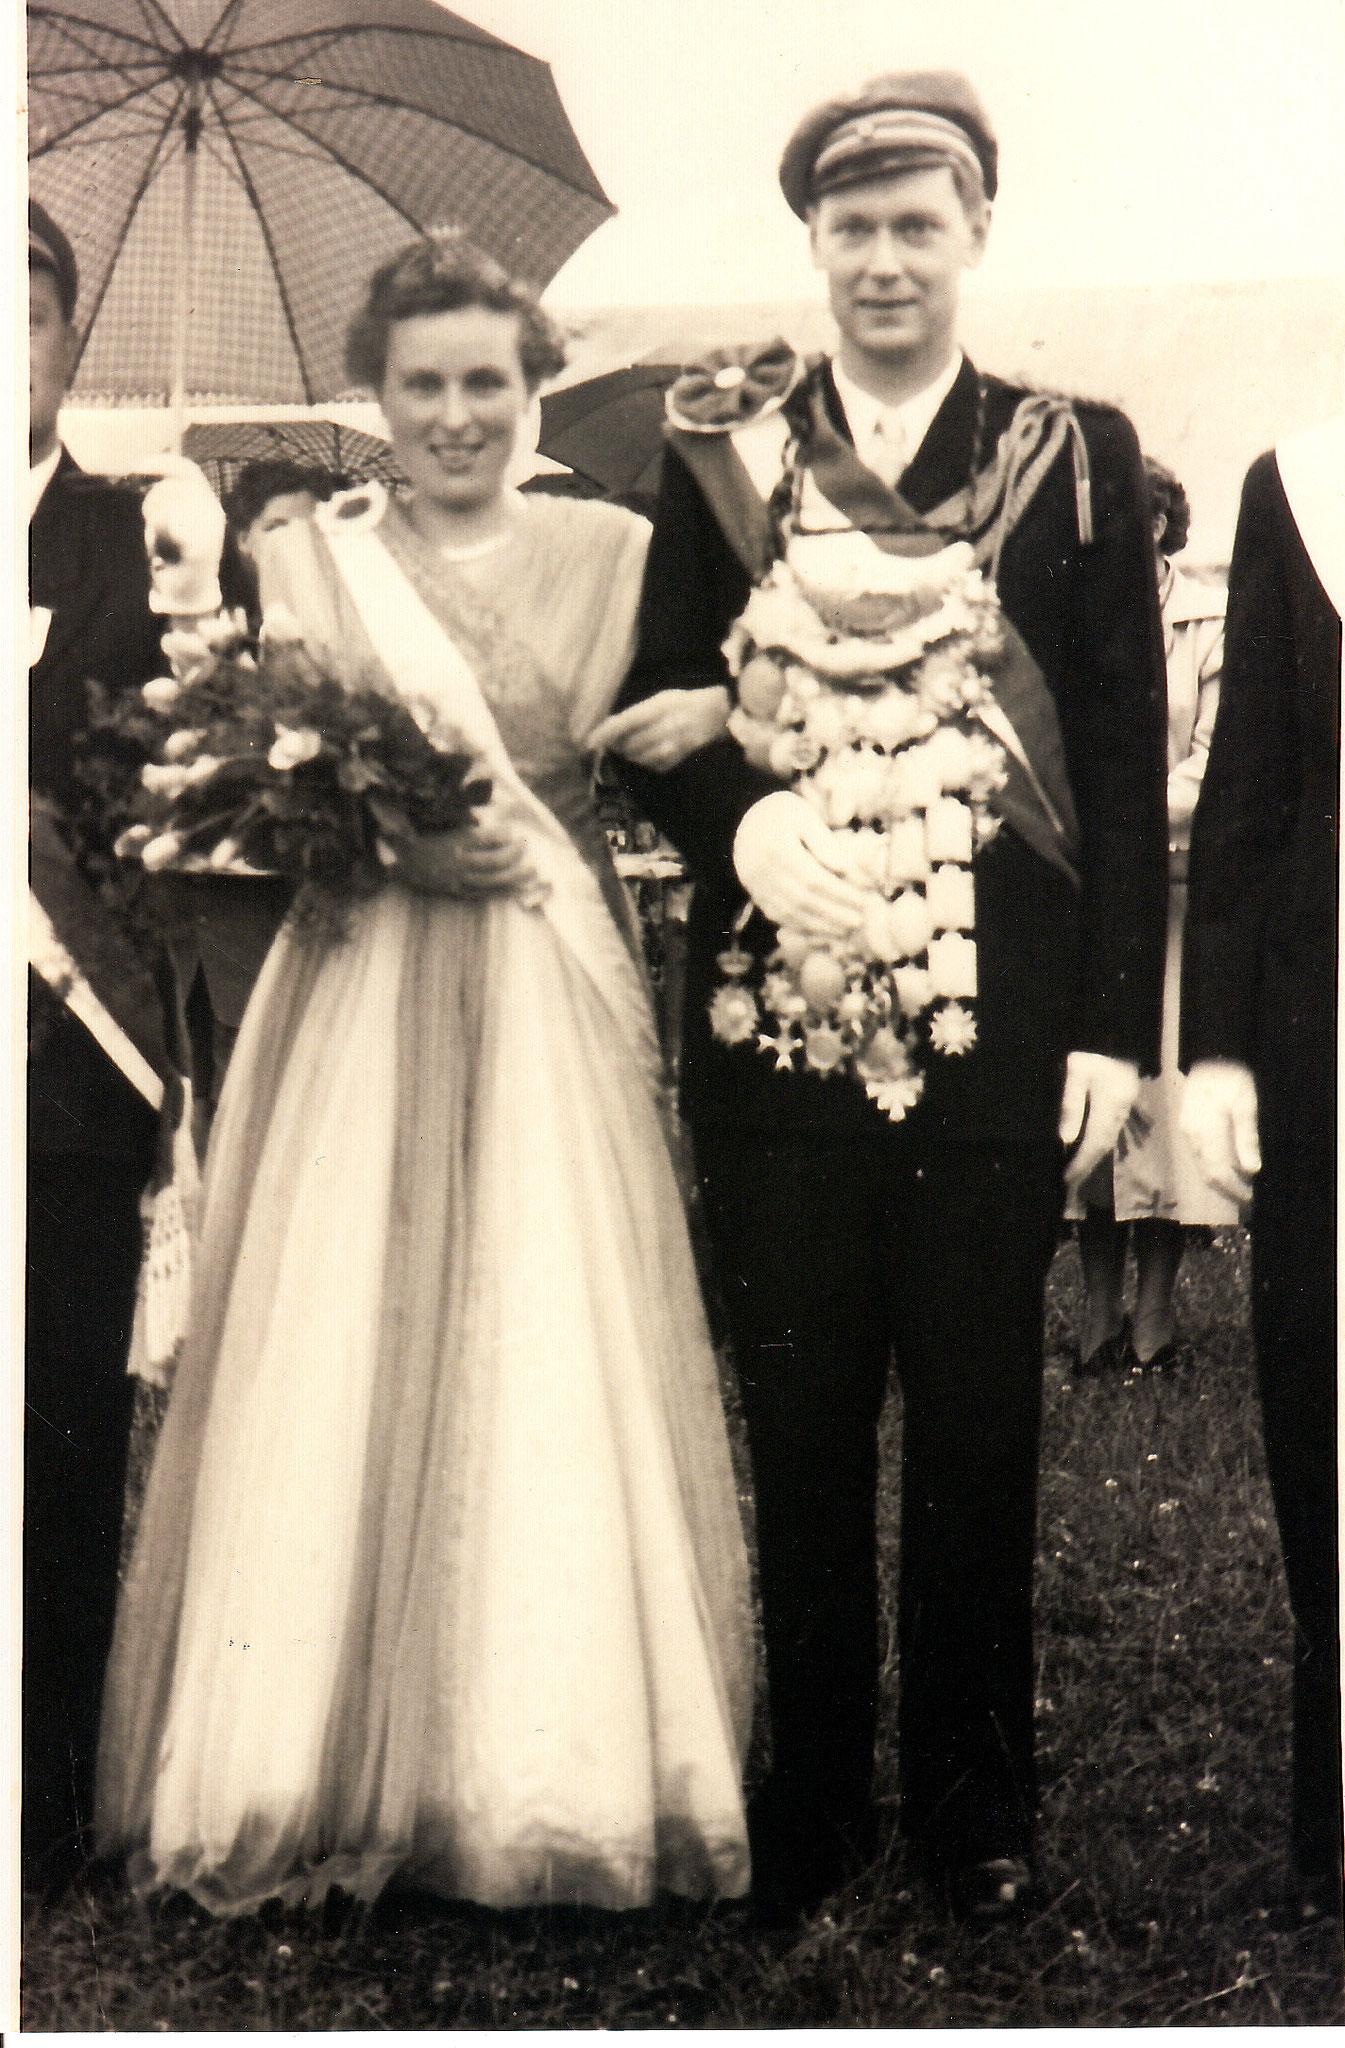 1953 Ernst Schenkel+ & Ursula Eickenbusch+